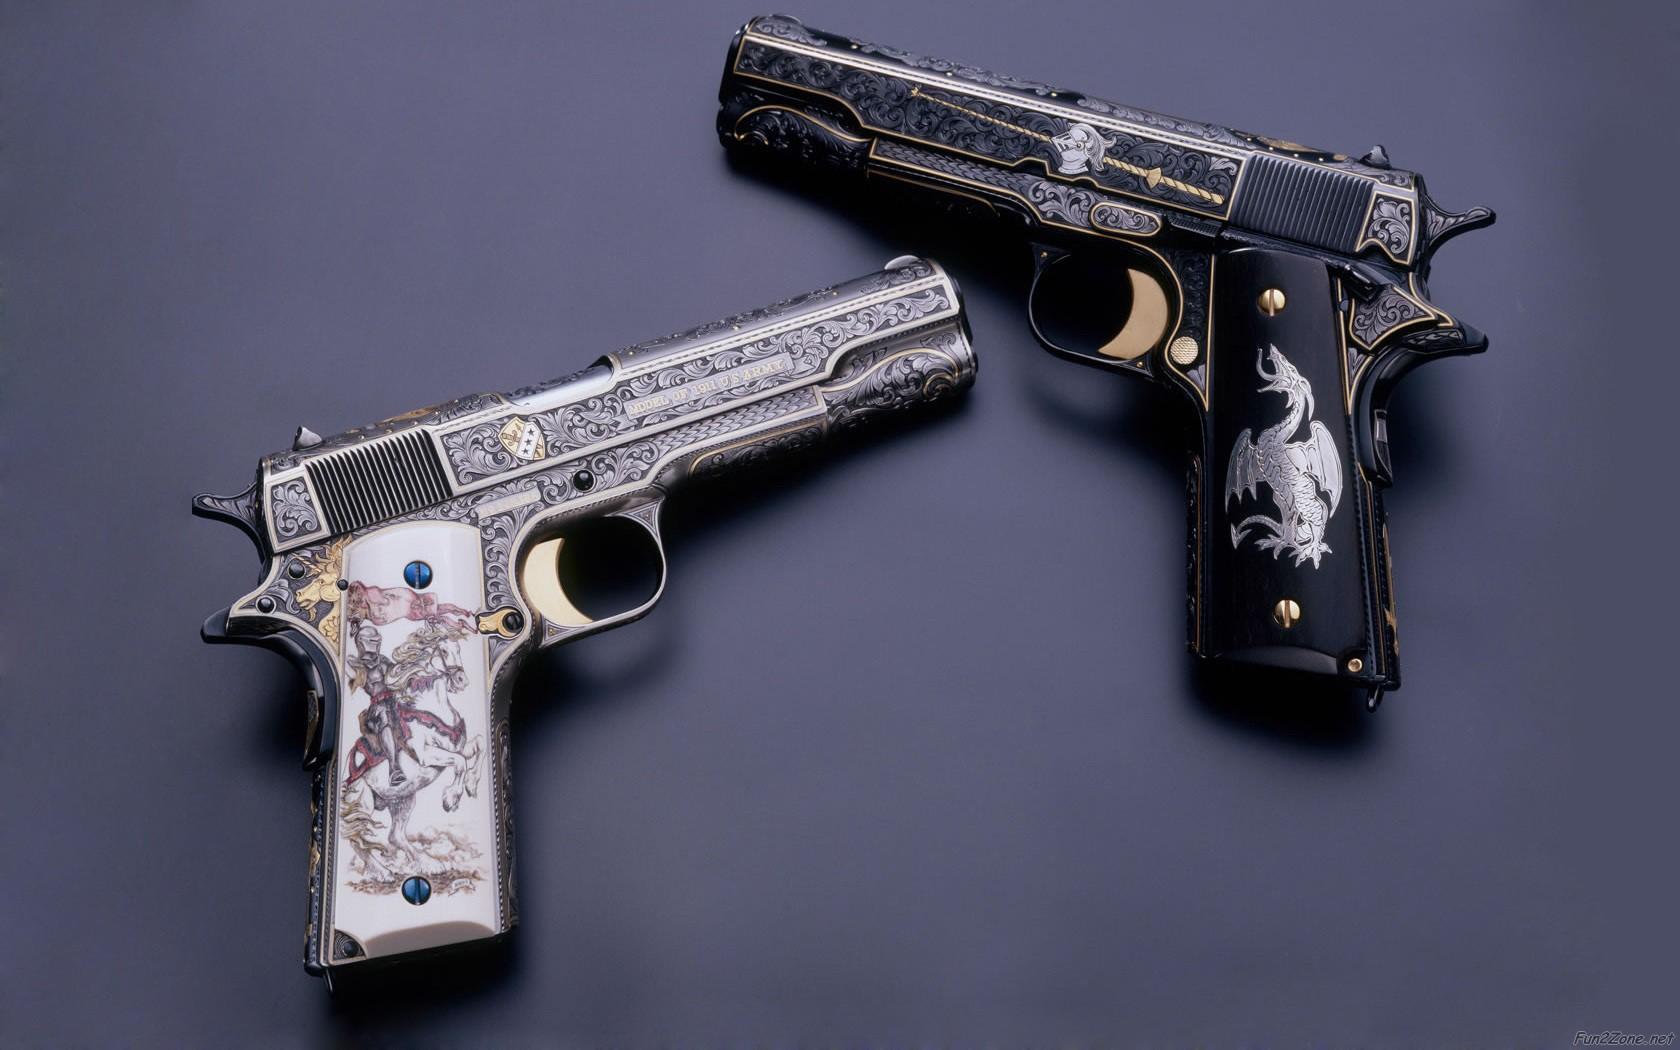 Pistol Wallpaper HD